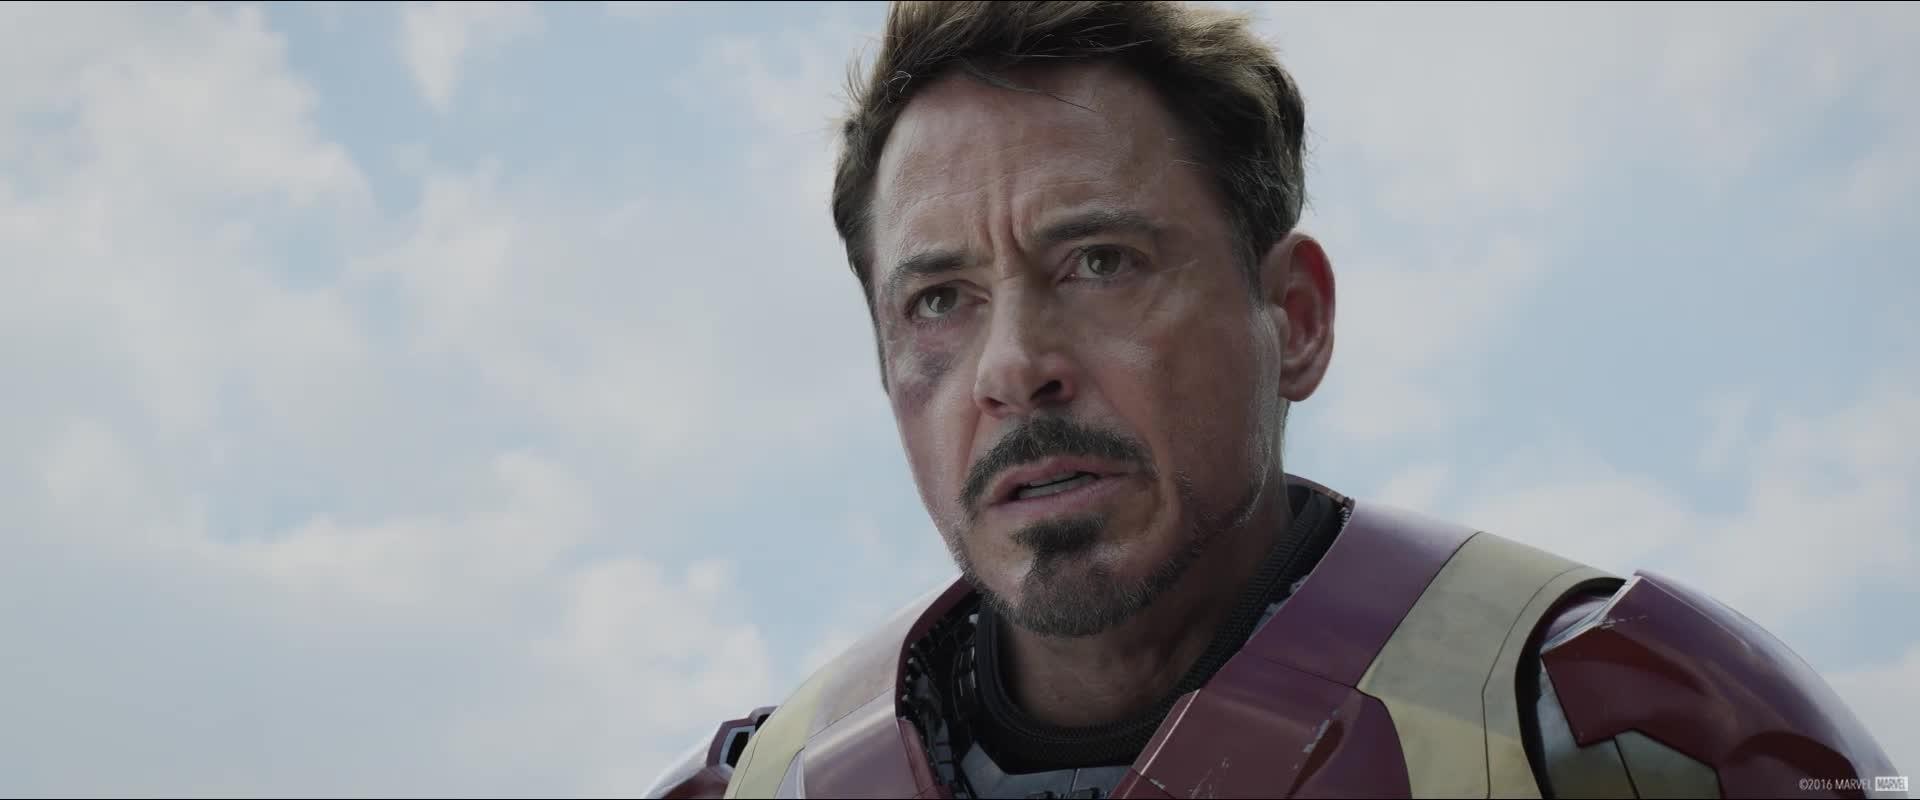 Captain America Civil War - Avec vous partout !